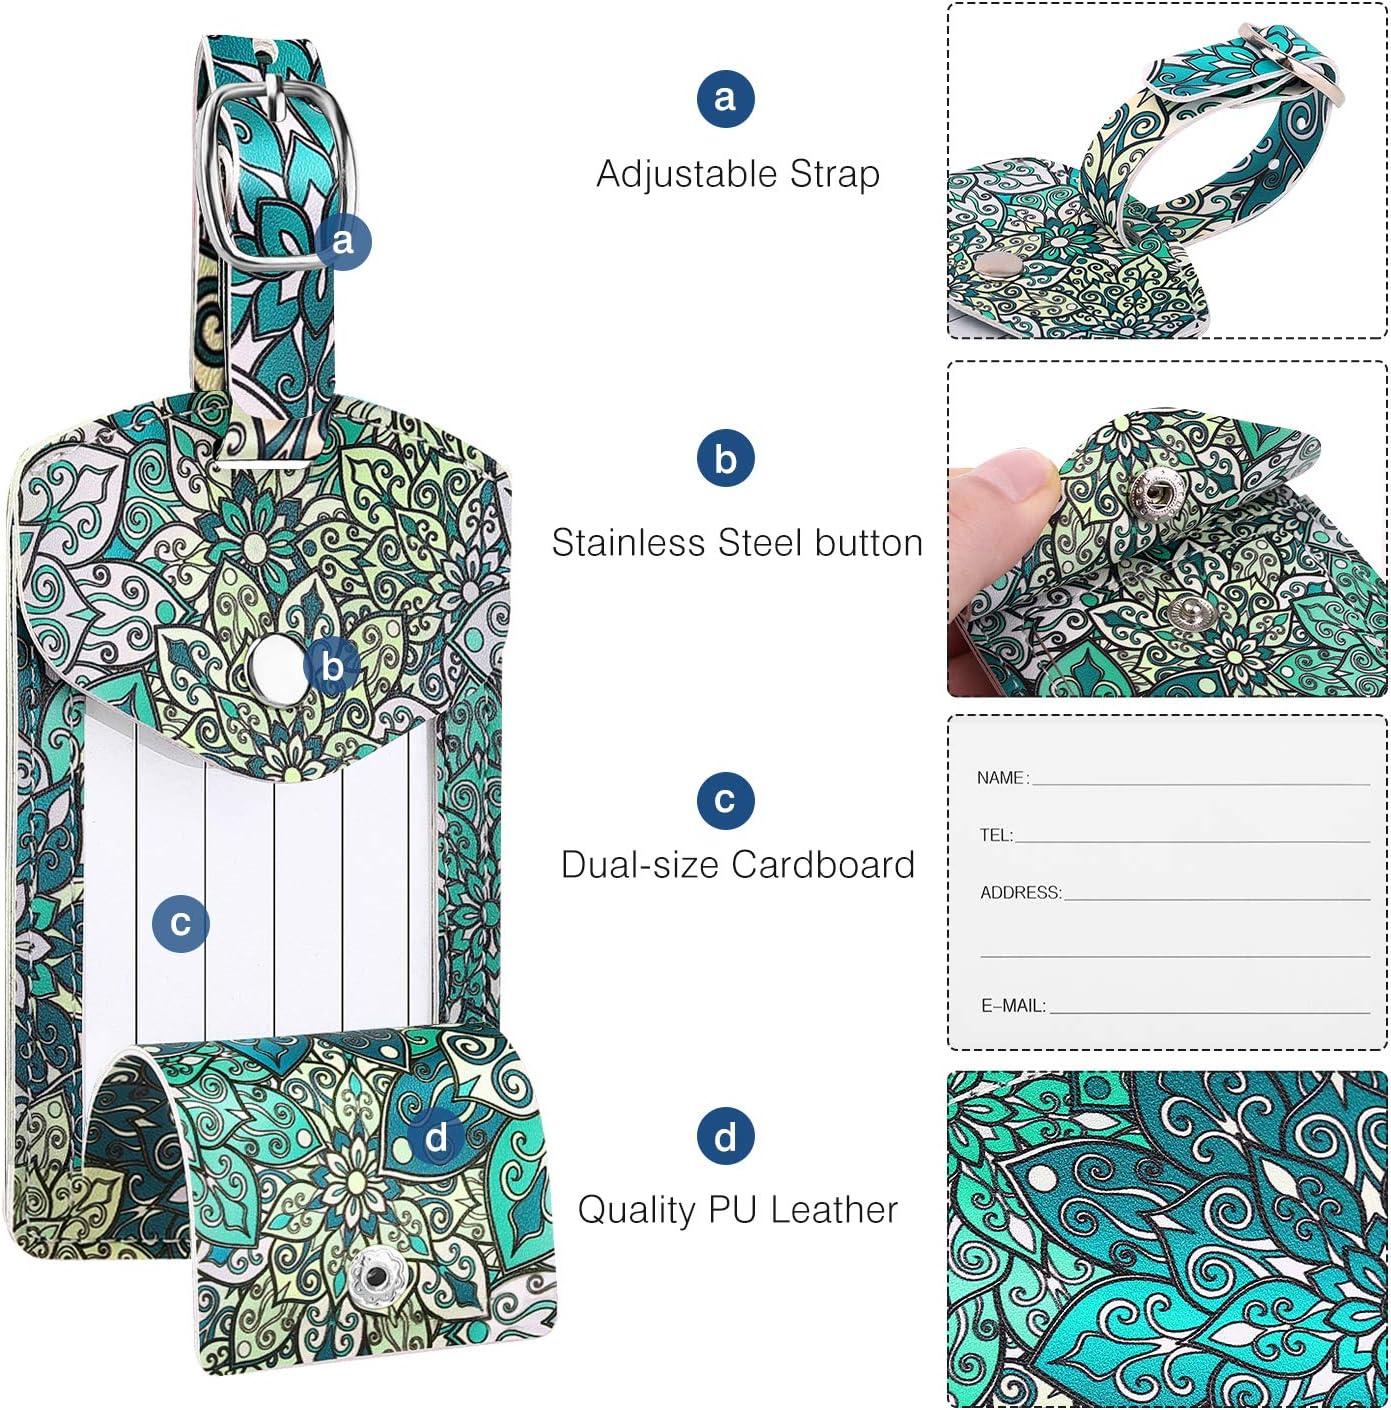 Gep/äckanh/änger ID Etikett mit Adressschild Namenschild f/ür Reisetasche Koffer Handtasche Geometrischer Marmor /& Wei/ßer Marmor MoKo Kofferanh/änger aus Kunstleder 2 St/ück